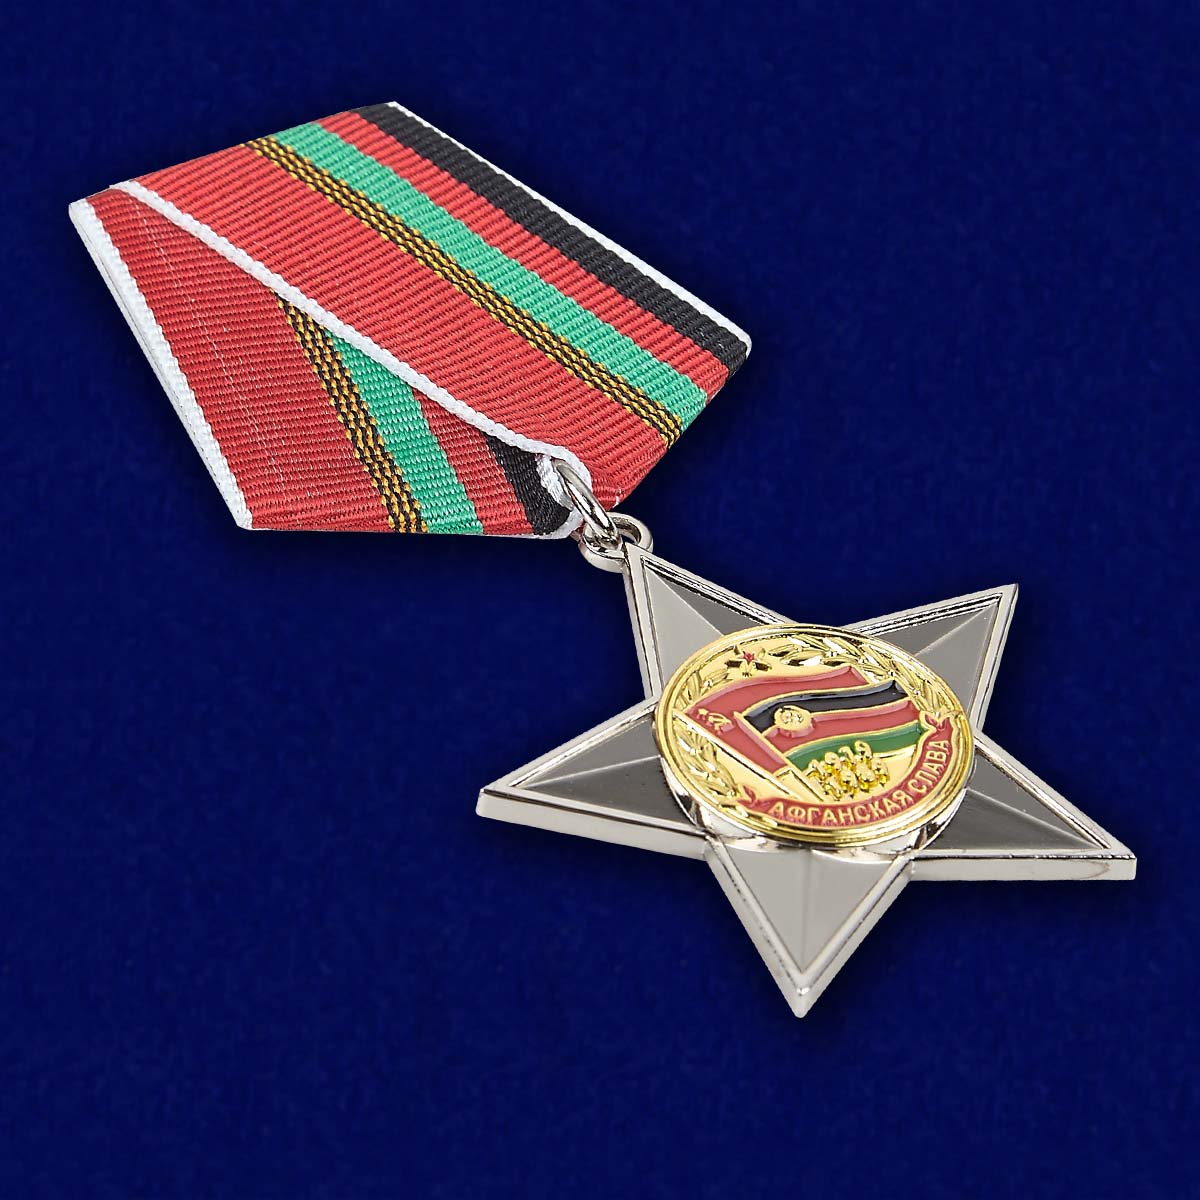 Акция! Орден Афганской Славы со скидкой 50% от стоимости